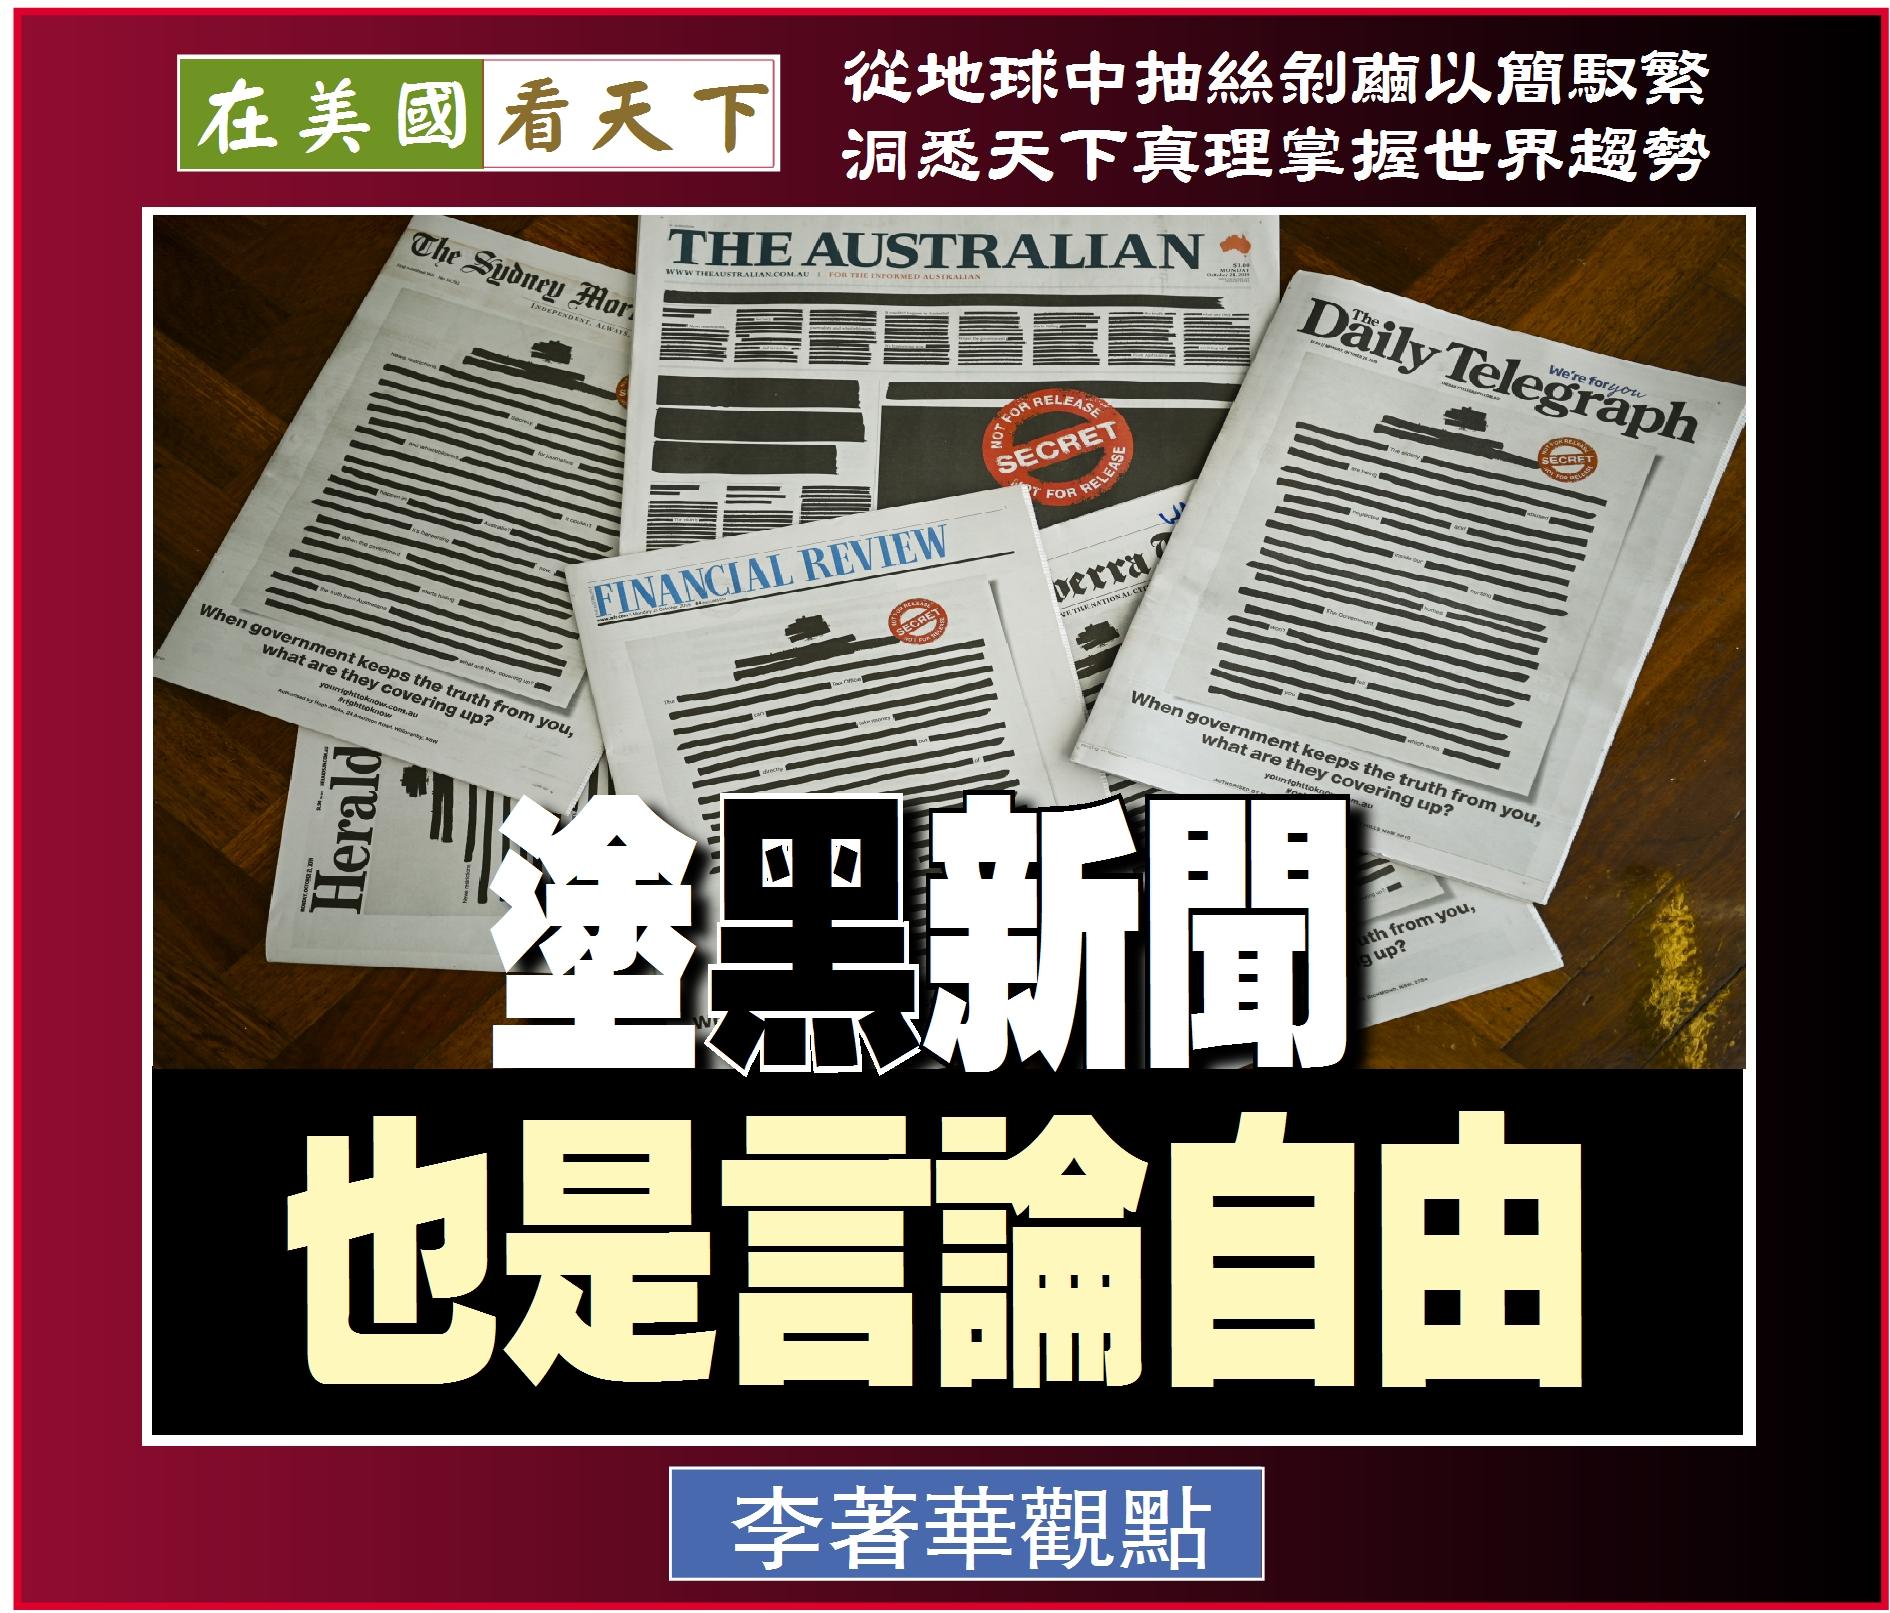 102219-塗黑新聞也是言論自由-1